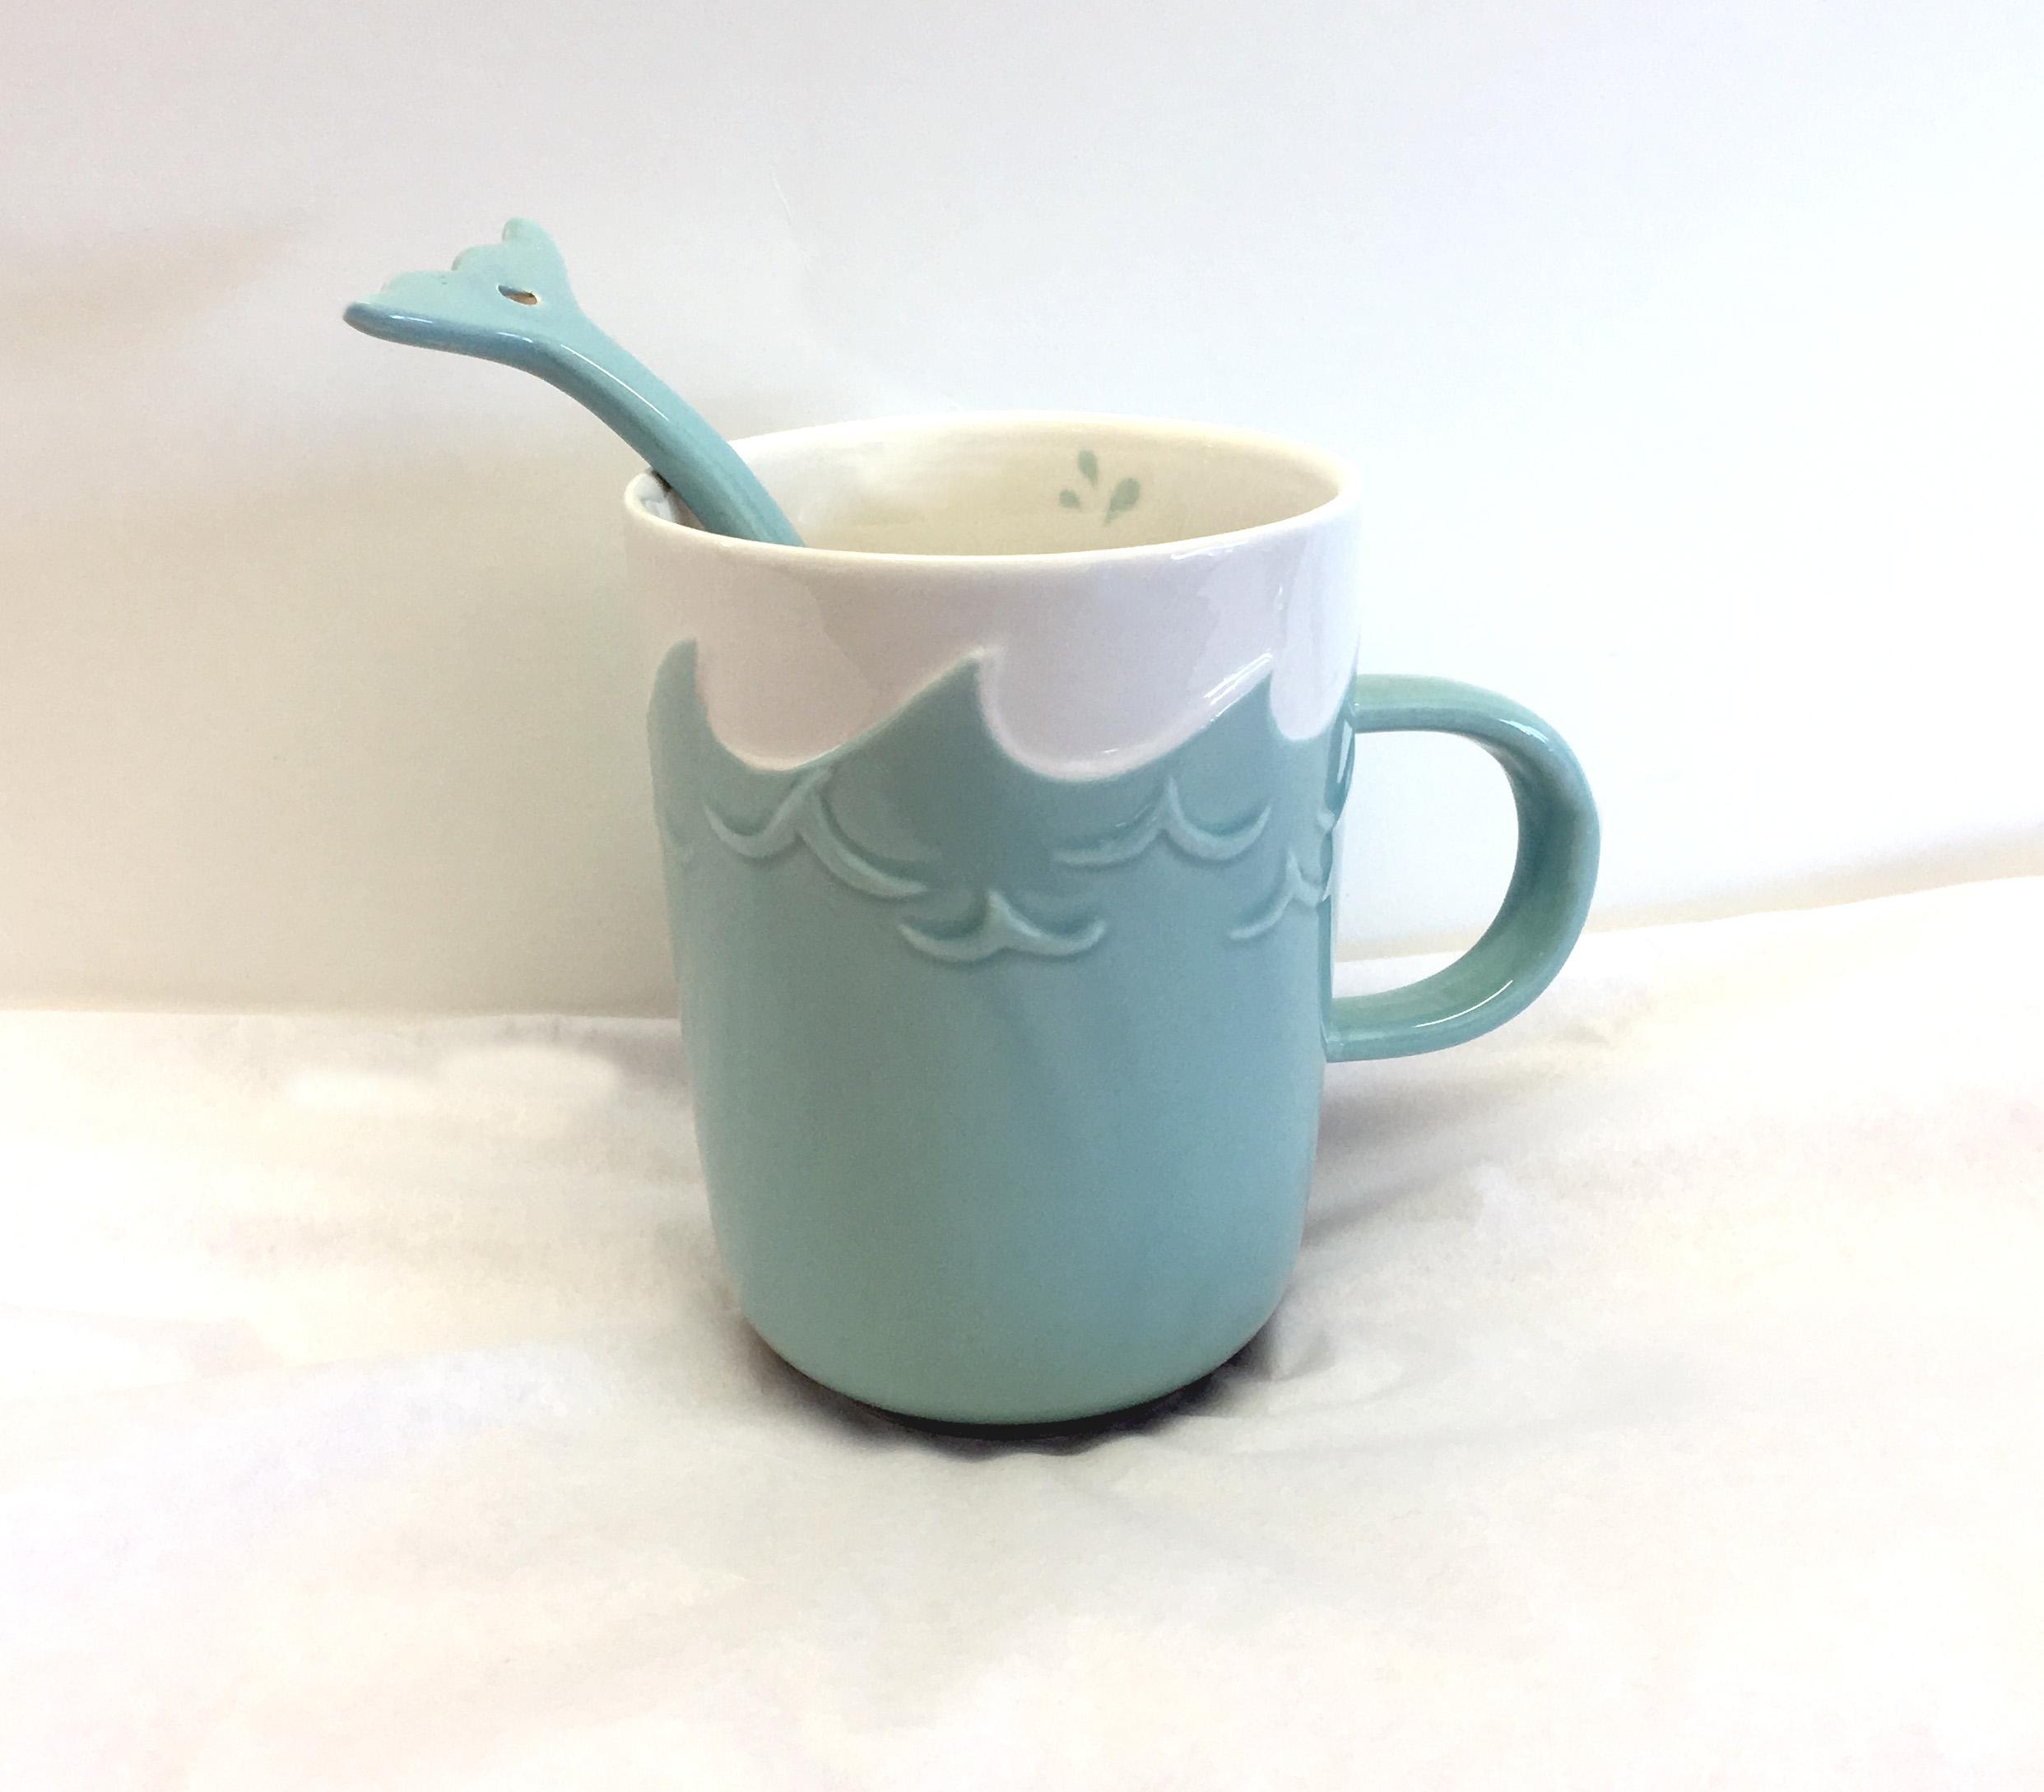 Coffee Mug w/ Whale Tail Stirrer